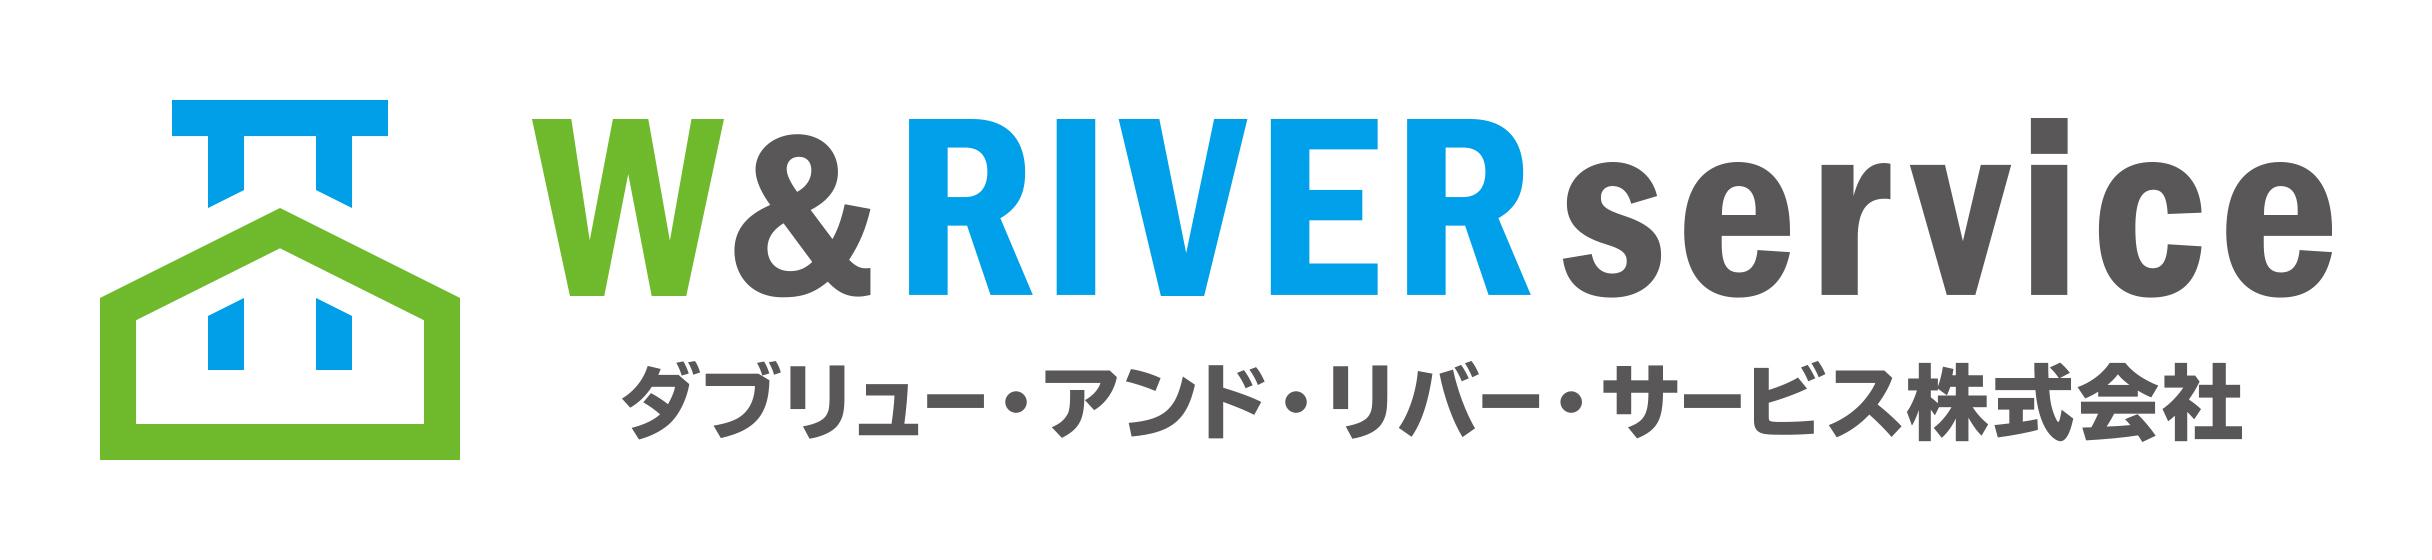 名古屋市東海4県の雨漏り修理・リフォーム・ドローン調査ならW&RIVERへ